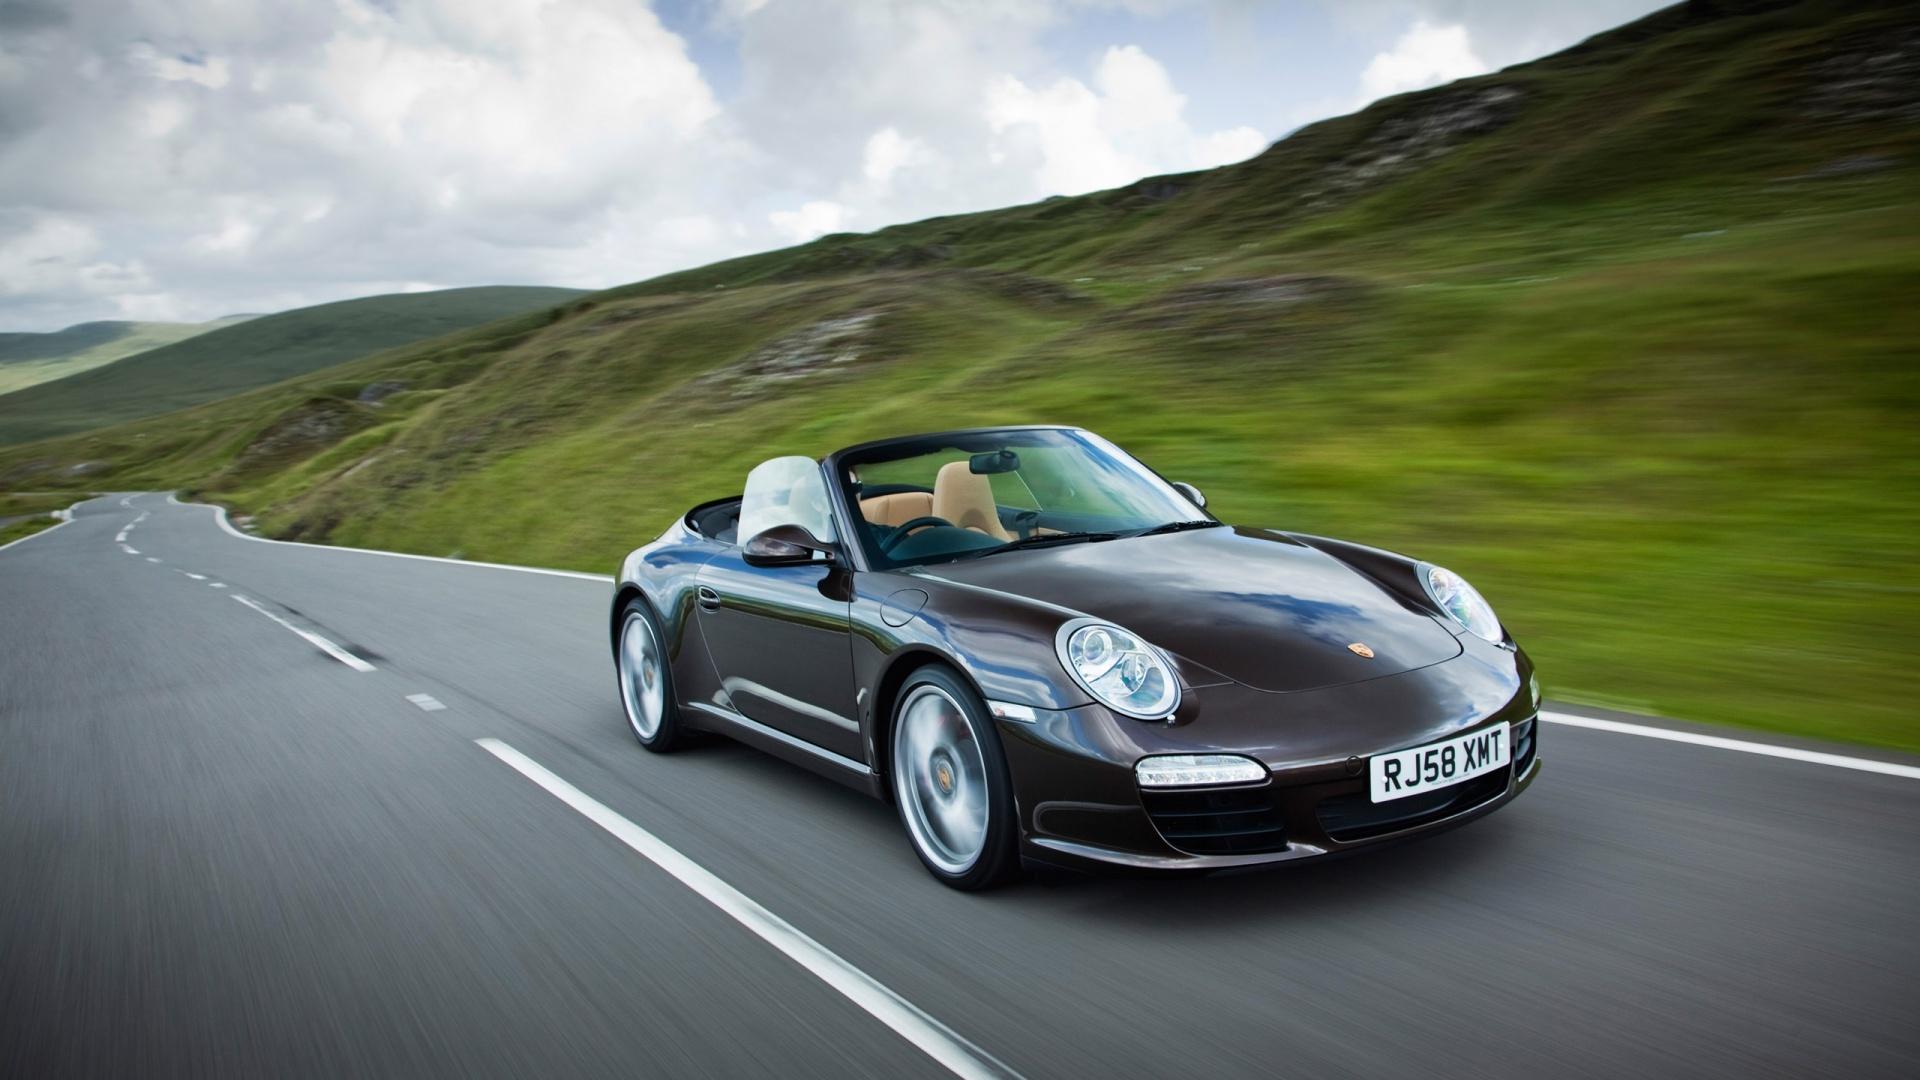 Porsche 911 Wallpaper 1920X1080 wallpaper   557373 1920x1080